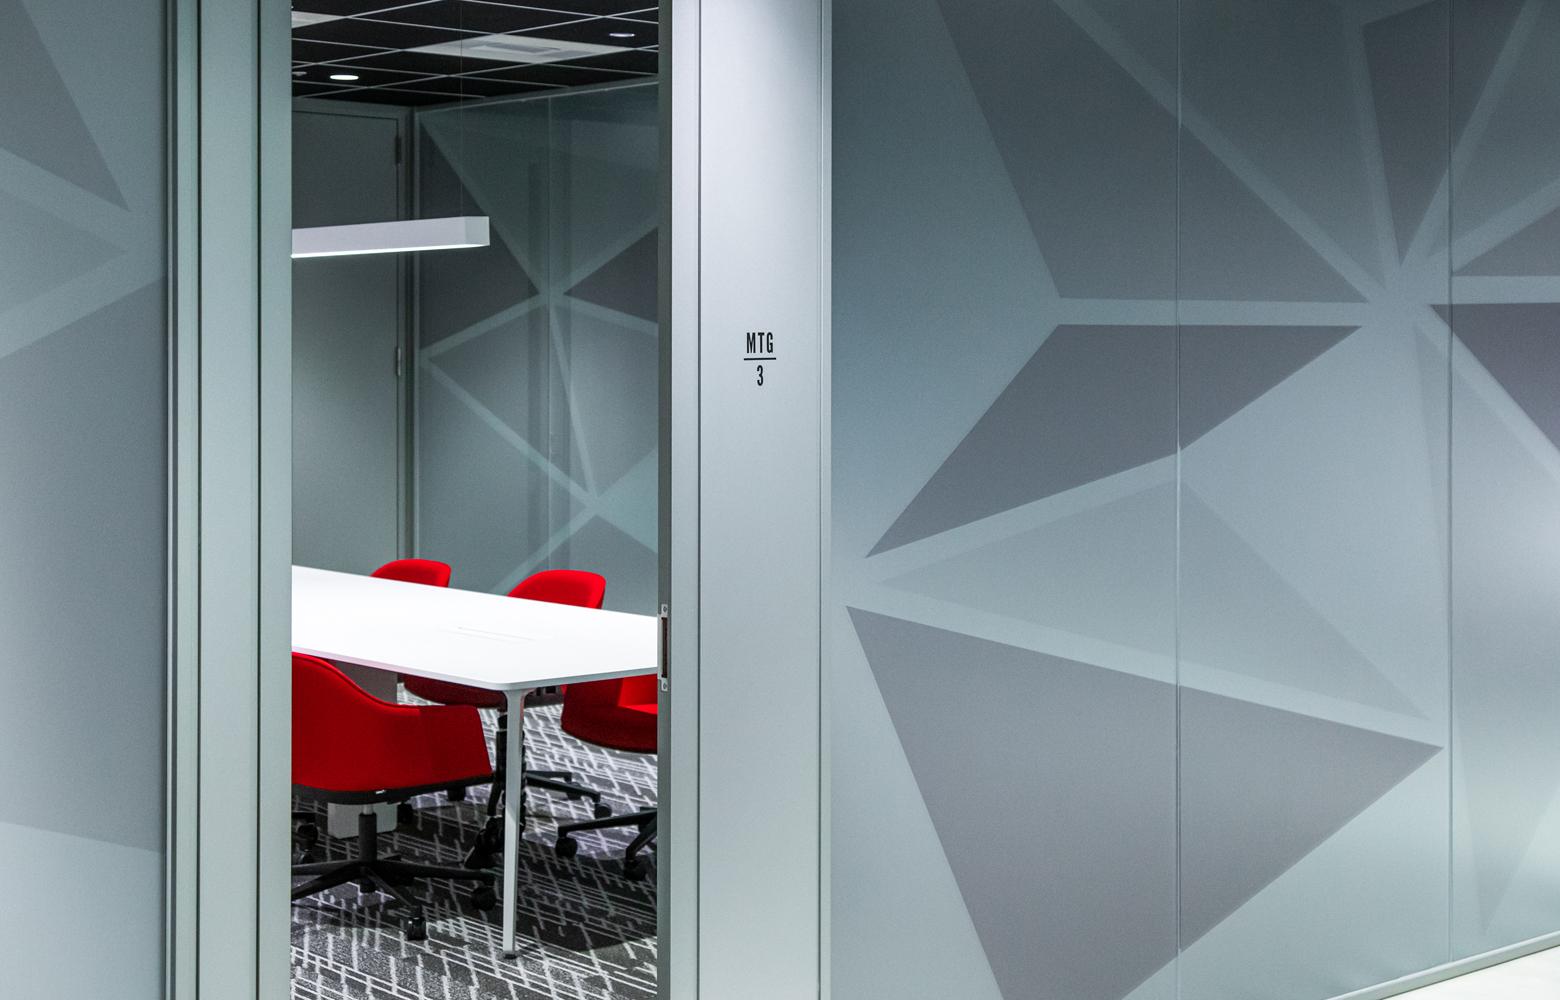 株式会社ビーネックスグループ Meeting Room_2 デザイン・レイアウト事例